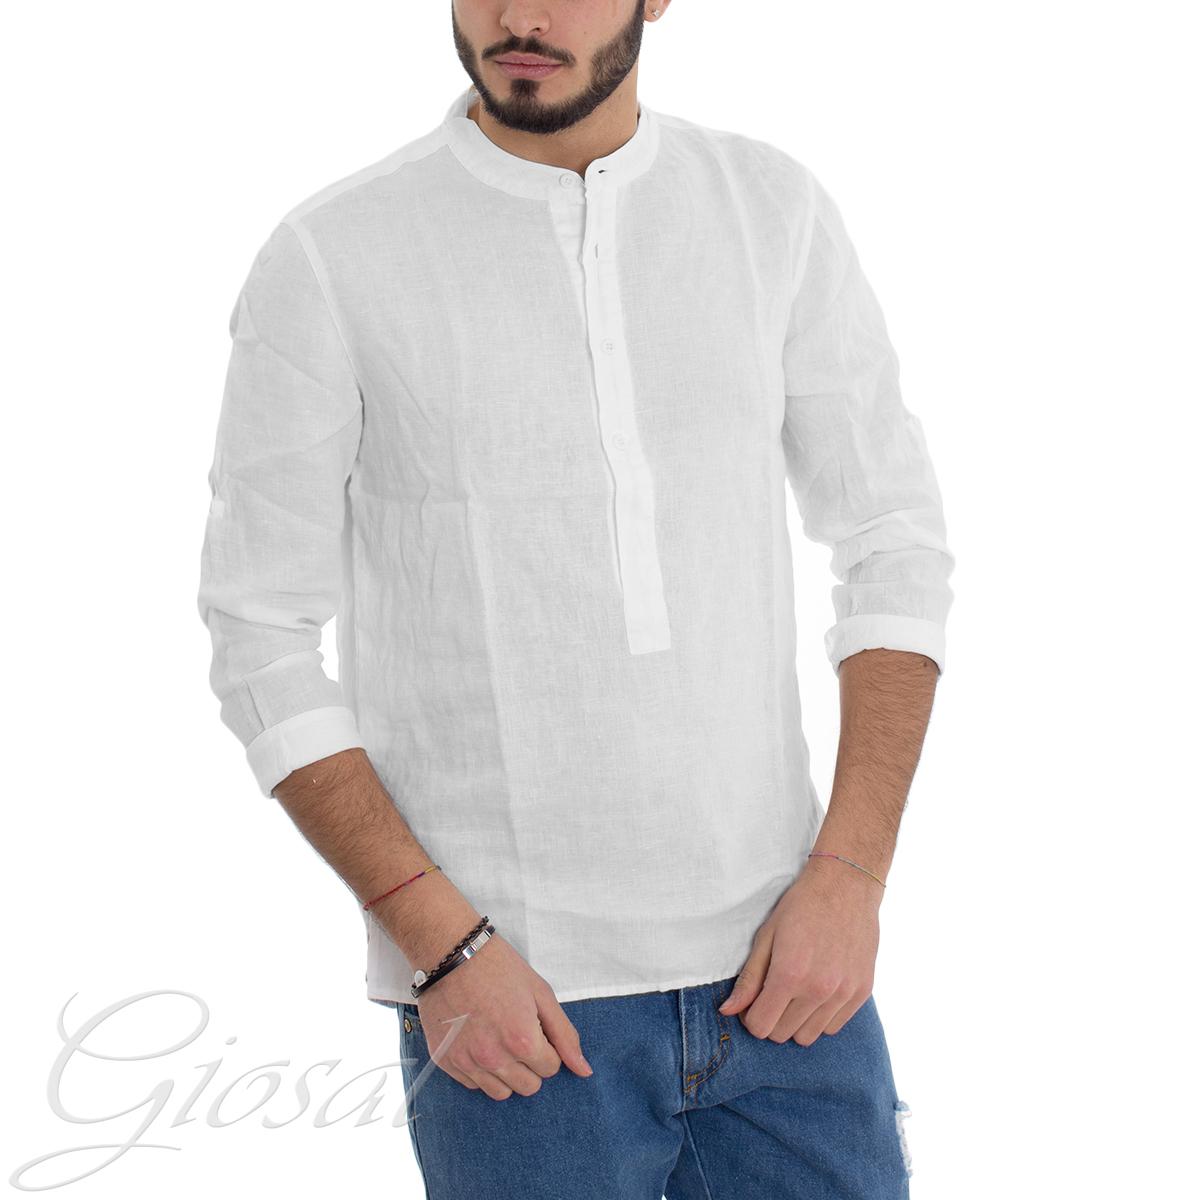 Camicia-Uomo-Puro-Lino-Collo-Coreano-Tinta-Unita-Bianca-Manica-Lunga-Casual-G miniatura 2